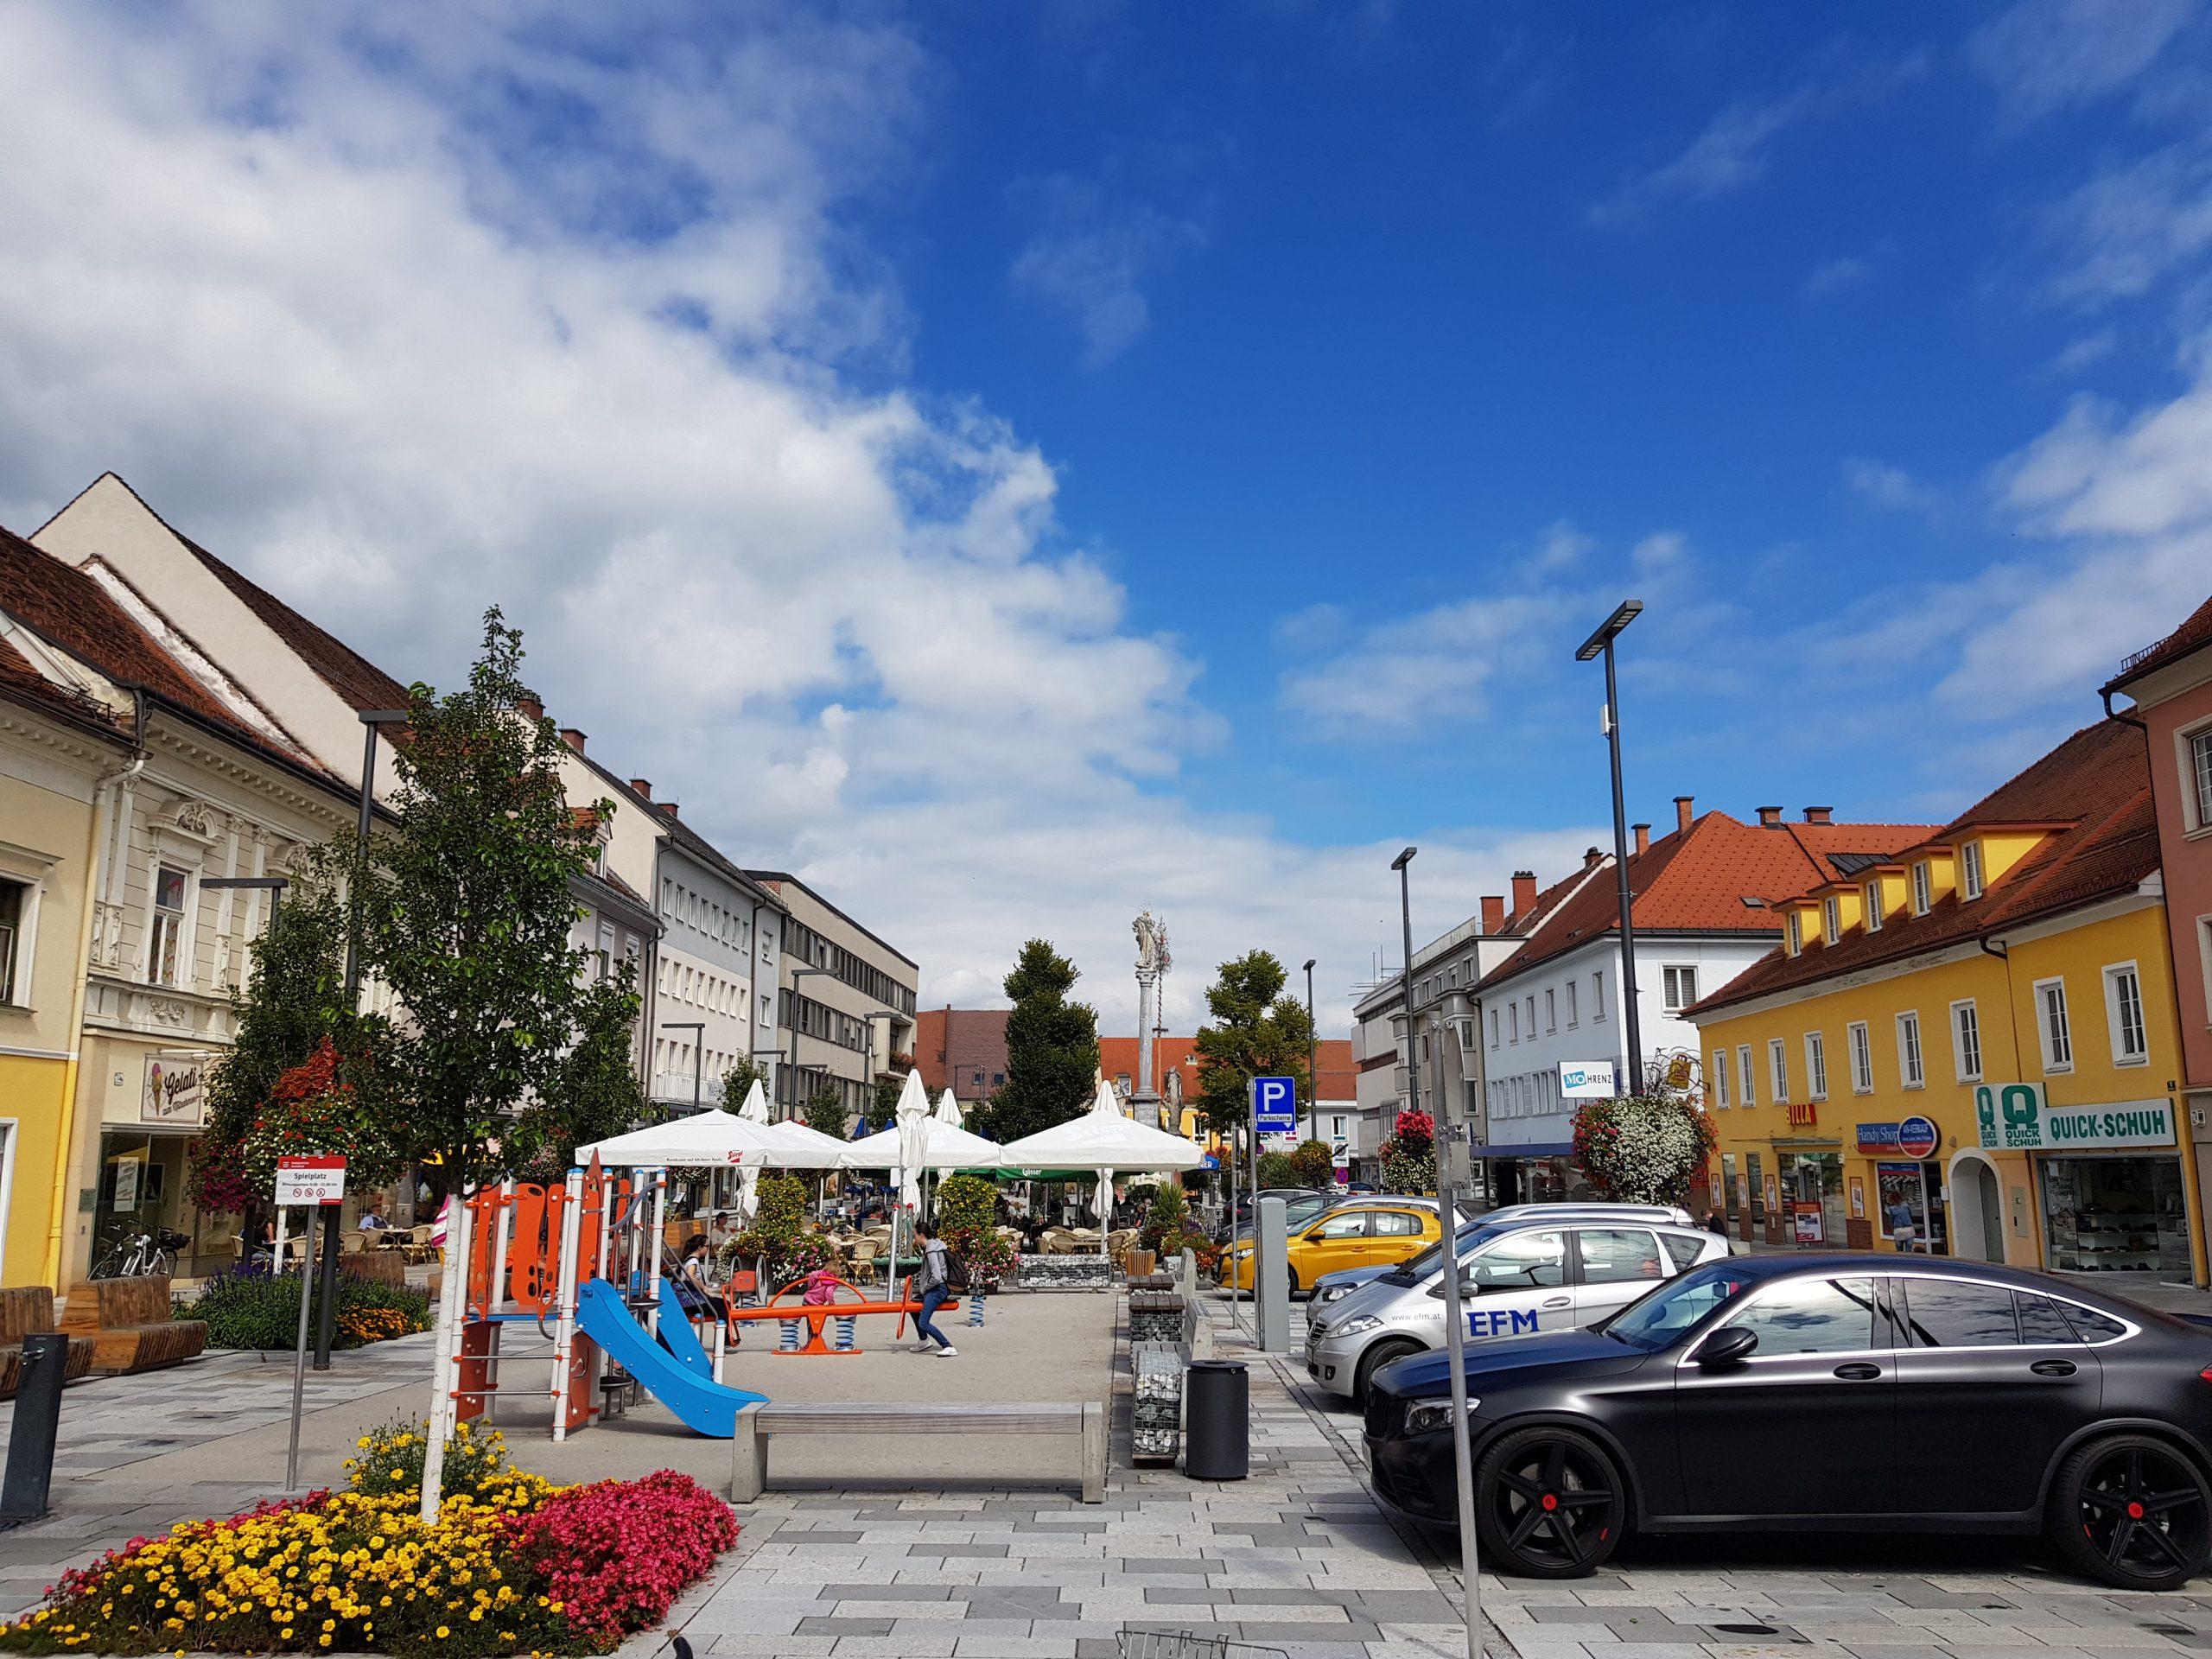 Hauptplatz Knittelfeld - Stadtbummel in Knittelfeld